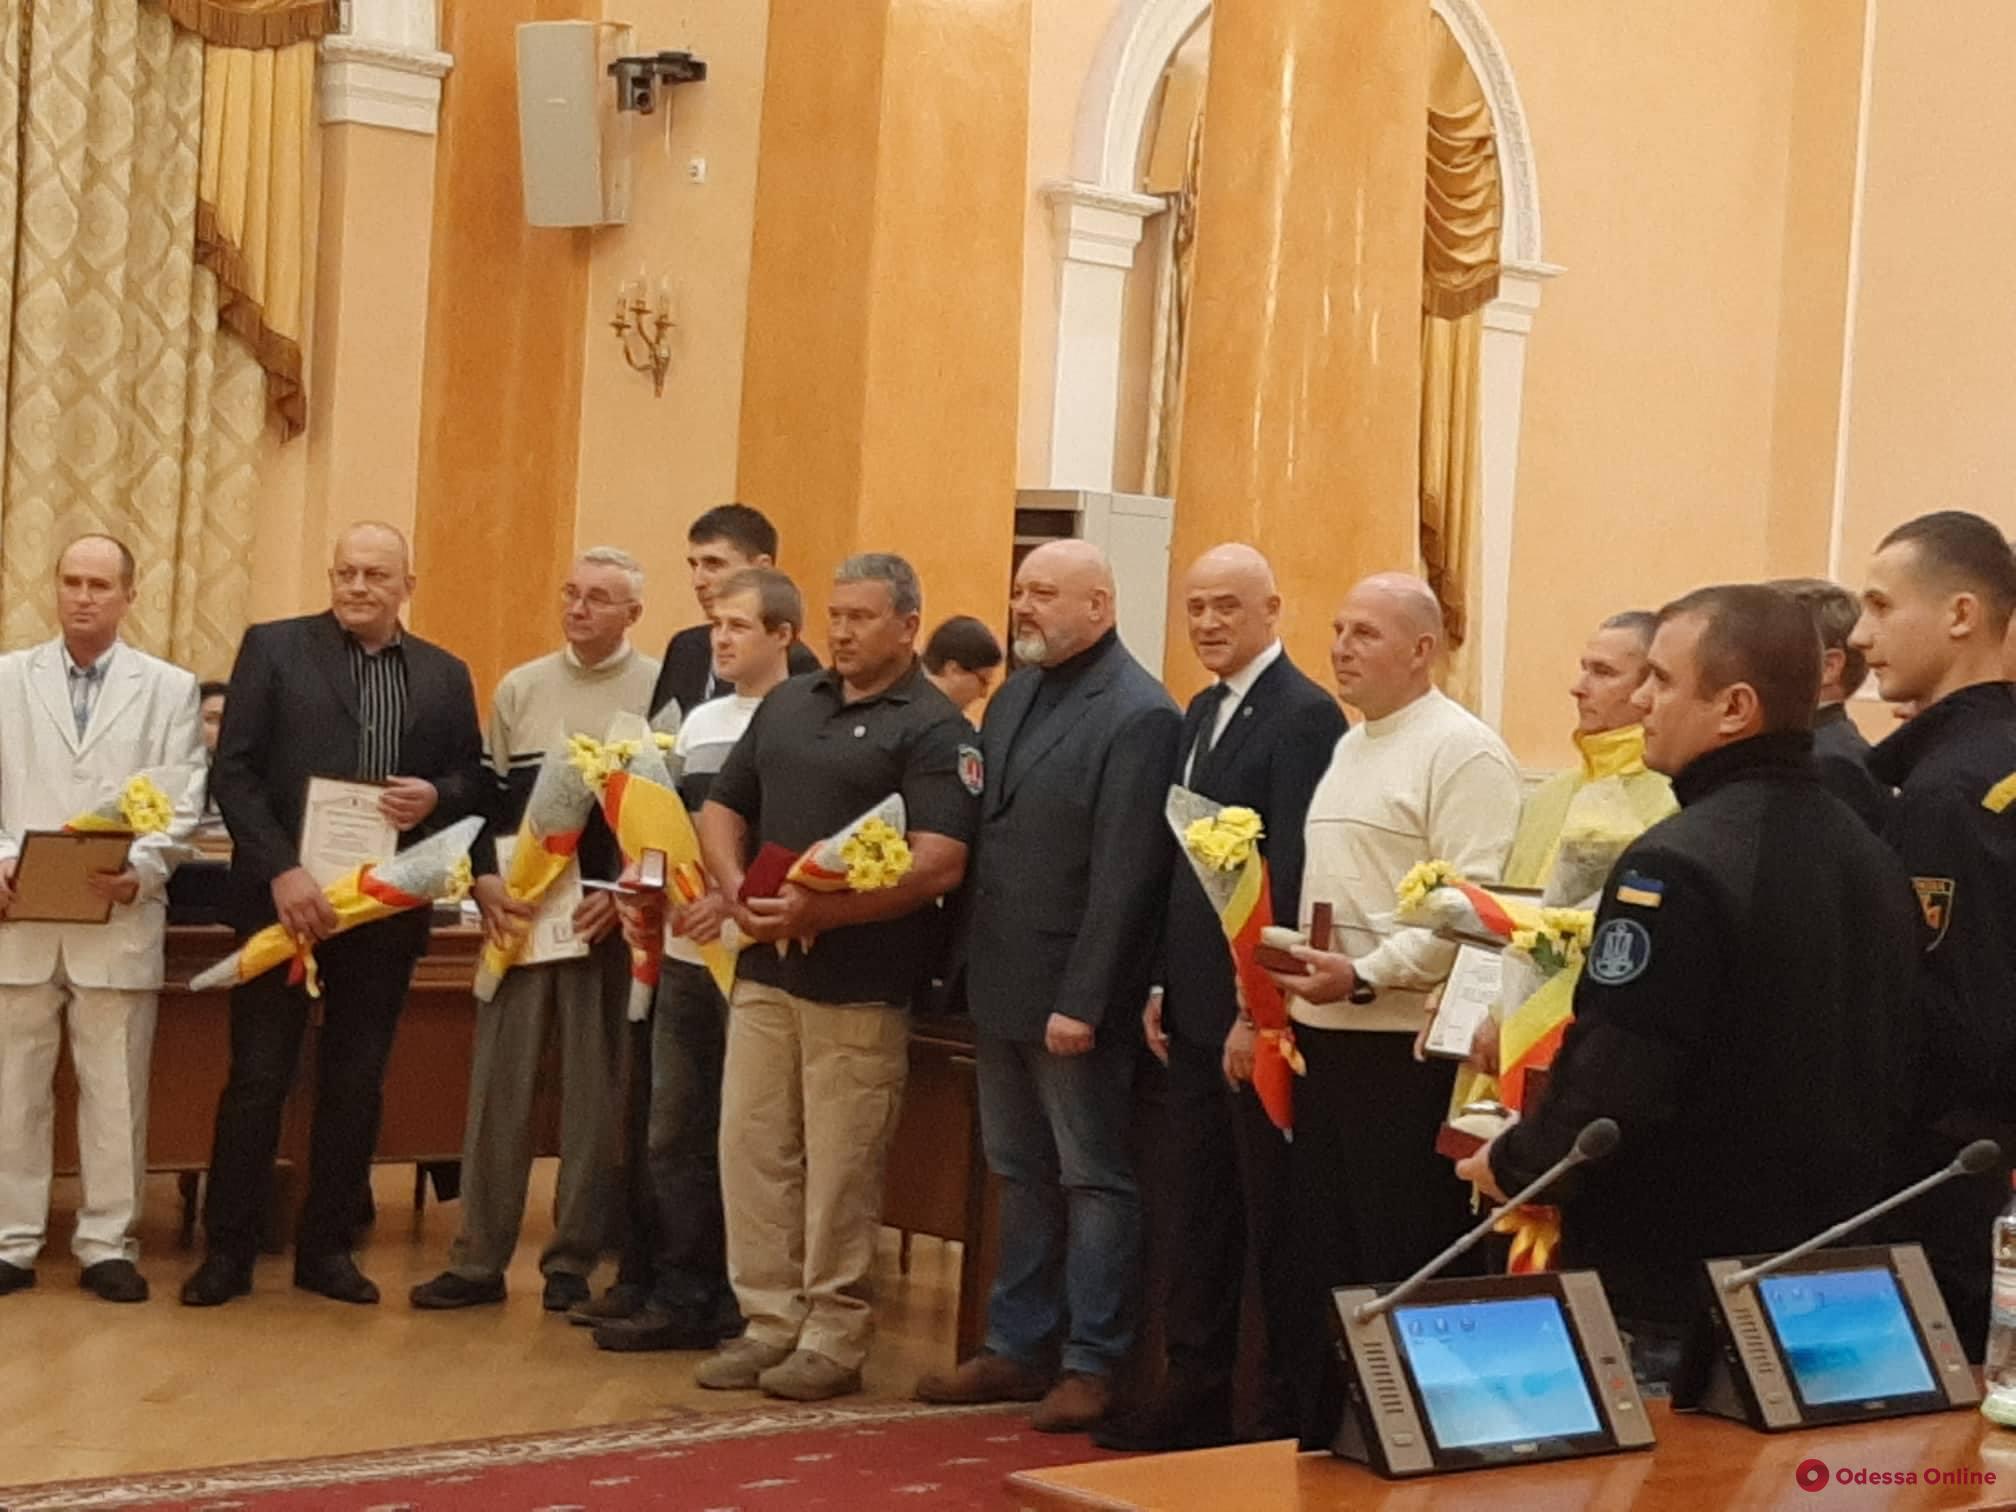 Одесский городской голова наградил водолазов за спасение экипажа танкера Delfi